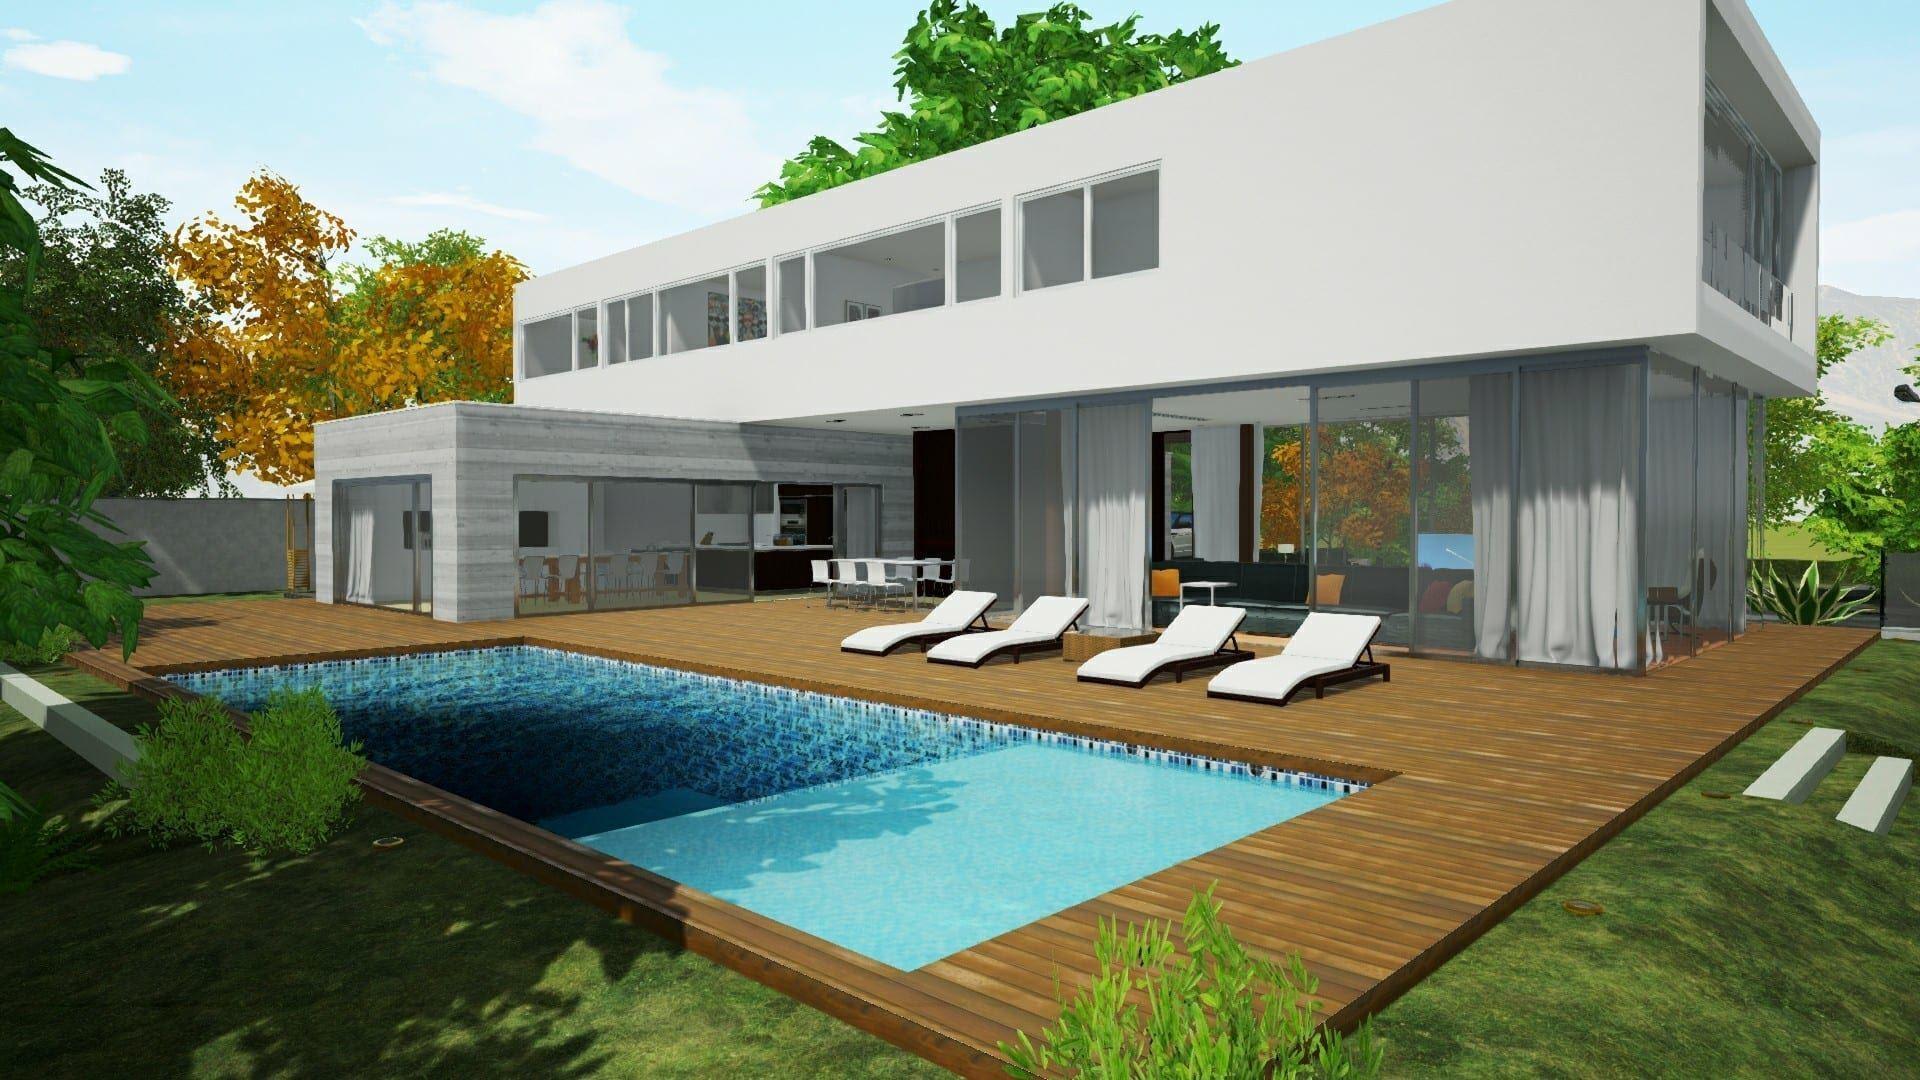 Modellare una piscina a profondit variabile con un software bim il progetto casa en los cisnes - Software progettazione casa gratis ...